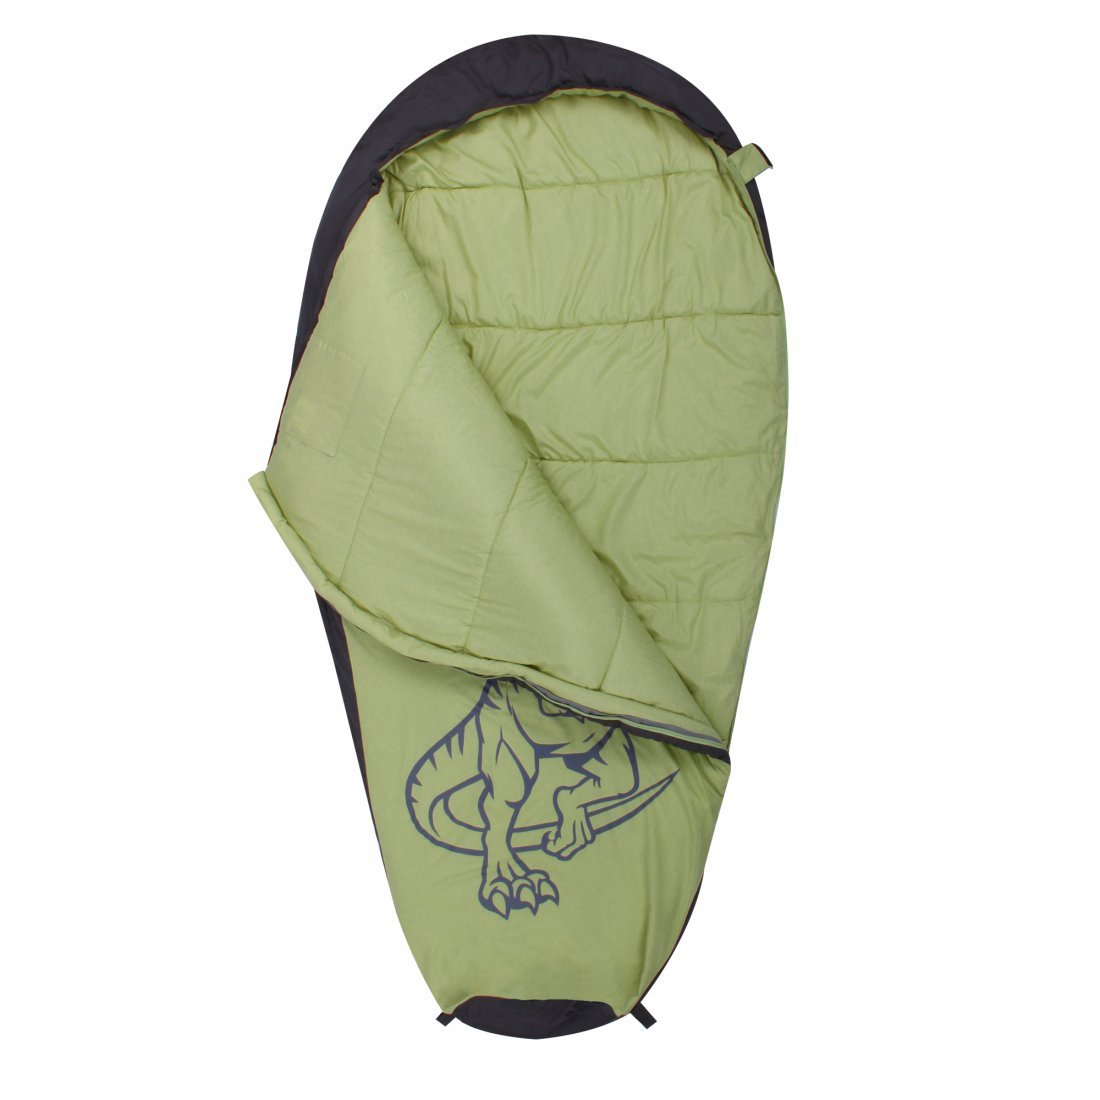 10T Outdoor Equipment 10T T Saco de Dormir de la Momia de los niños, Verde, Estándar: Amazon.es: Deportes y aire libre